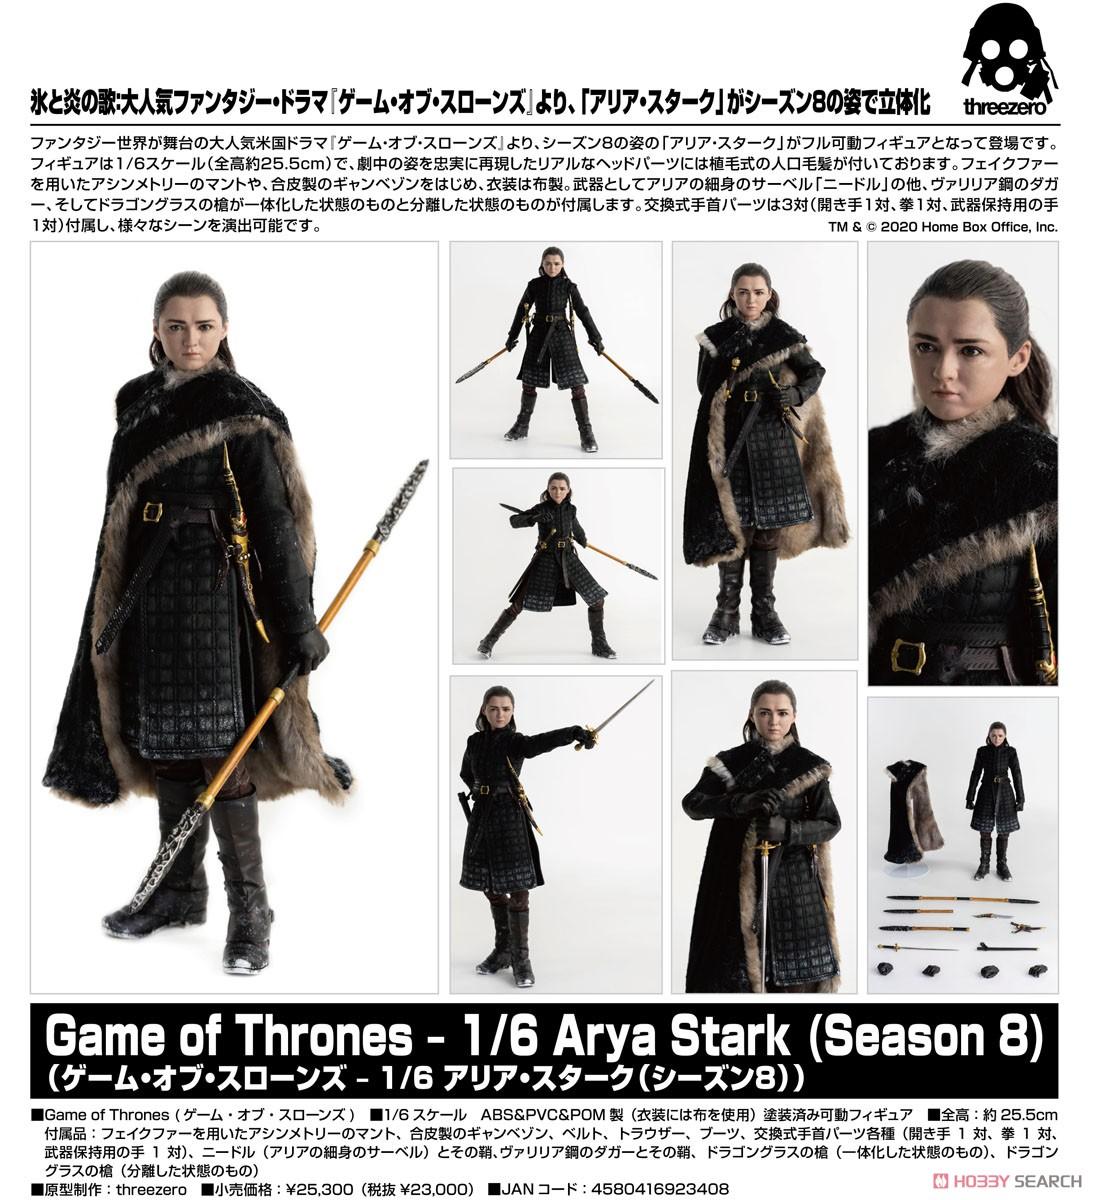 Game of Thrones『アリア・スターク(Arya Stark)シーズン8』ゲーム・オブ・スローンズ 1/6 可動フィギュア-009